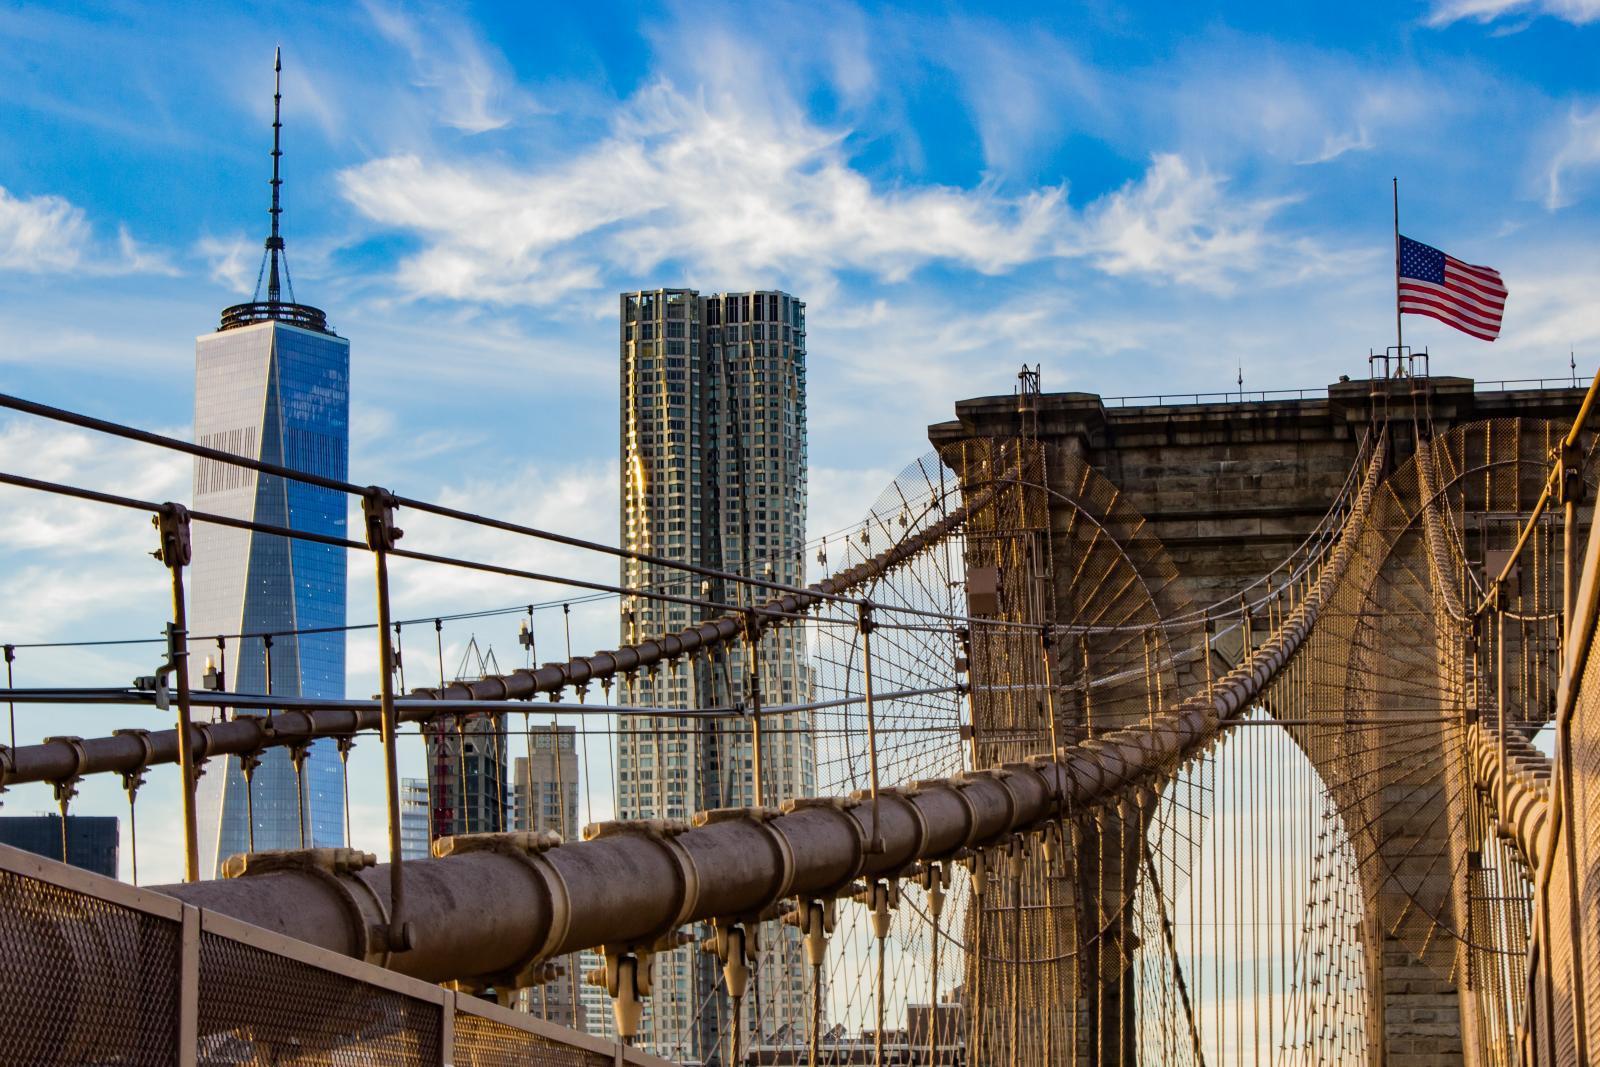 """""""สหรัฐอเมริกา"""" เมืองอันดับต้นๆของโลกที่เป็นจุดหมายปลายทางยอดนิยมของนักท่องเที่ยว"""